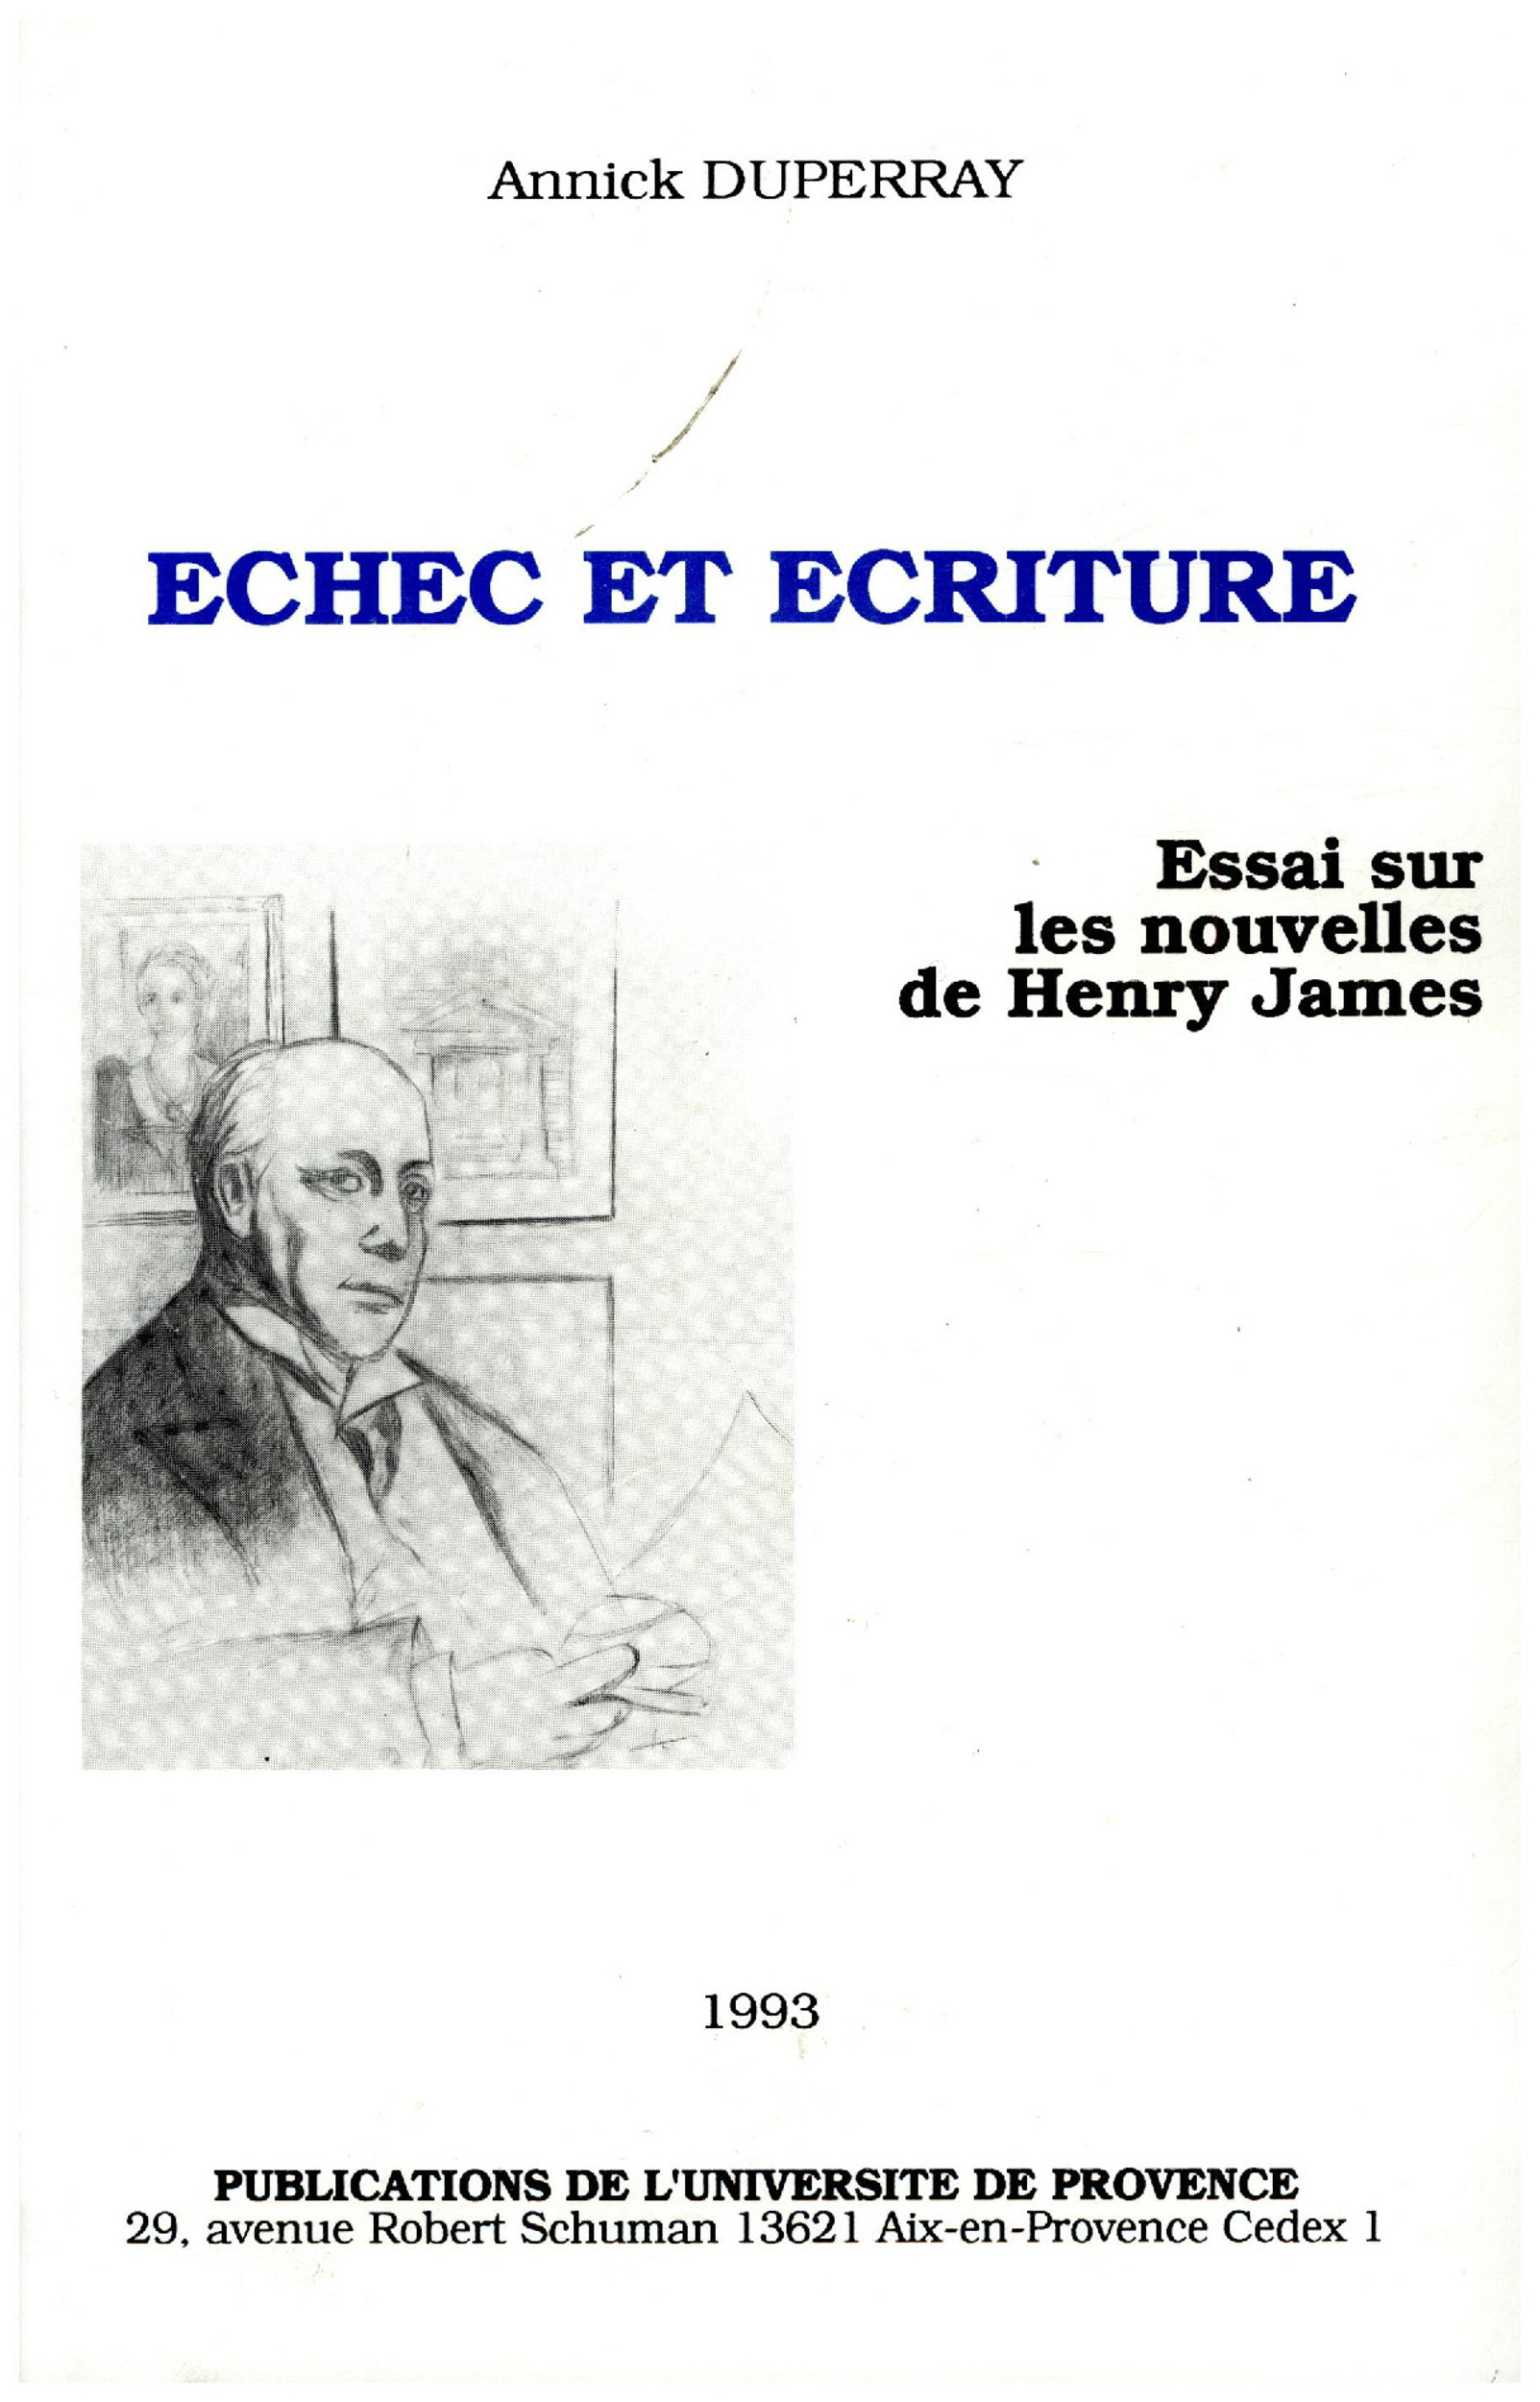 Echec et ecriture : essai sur les nouvelles de henry james